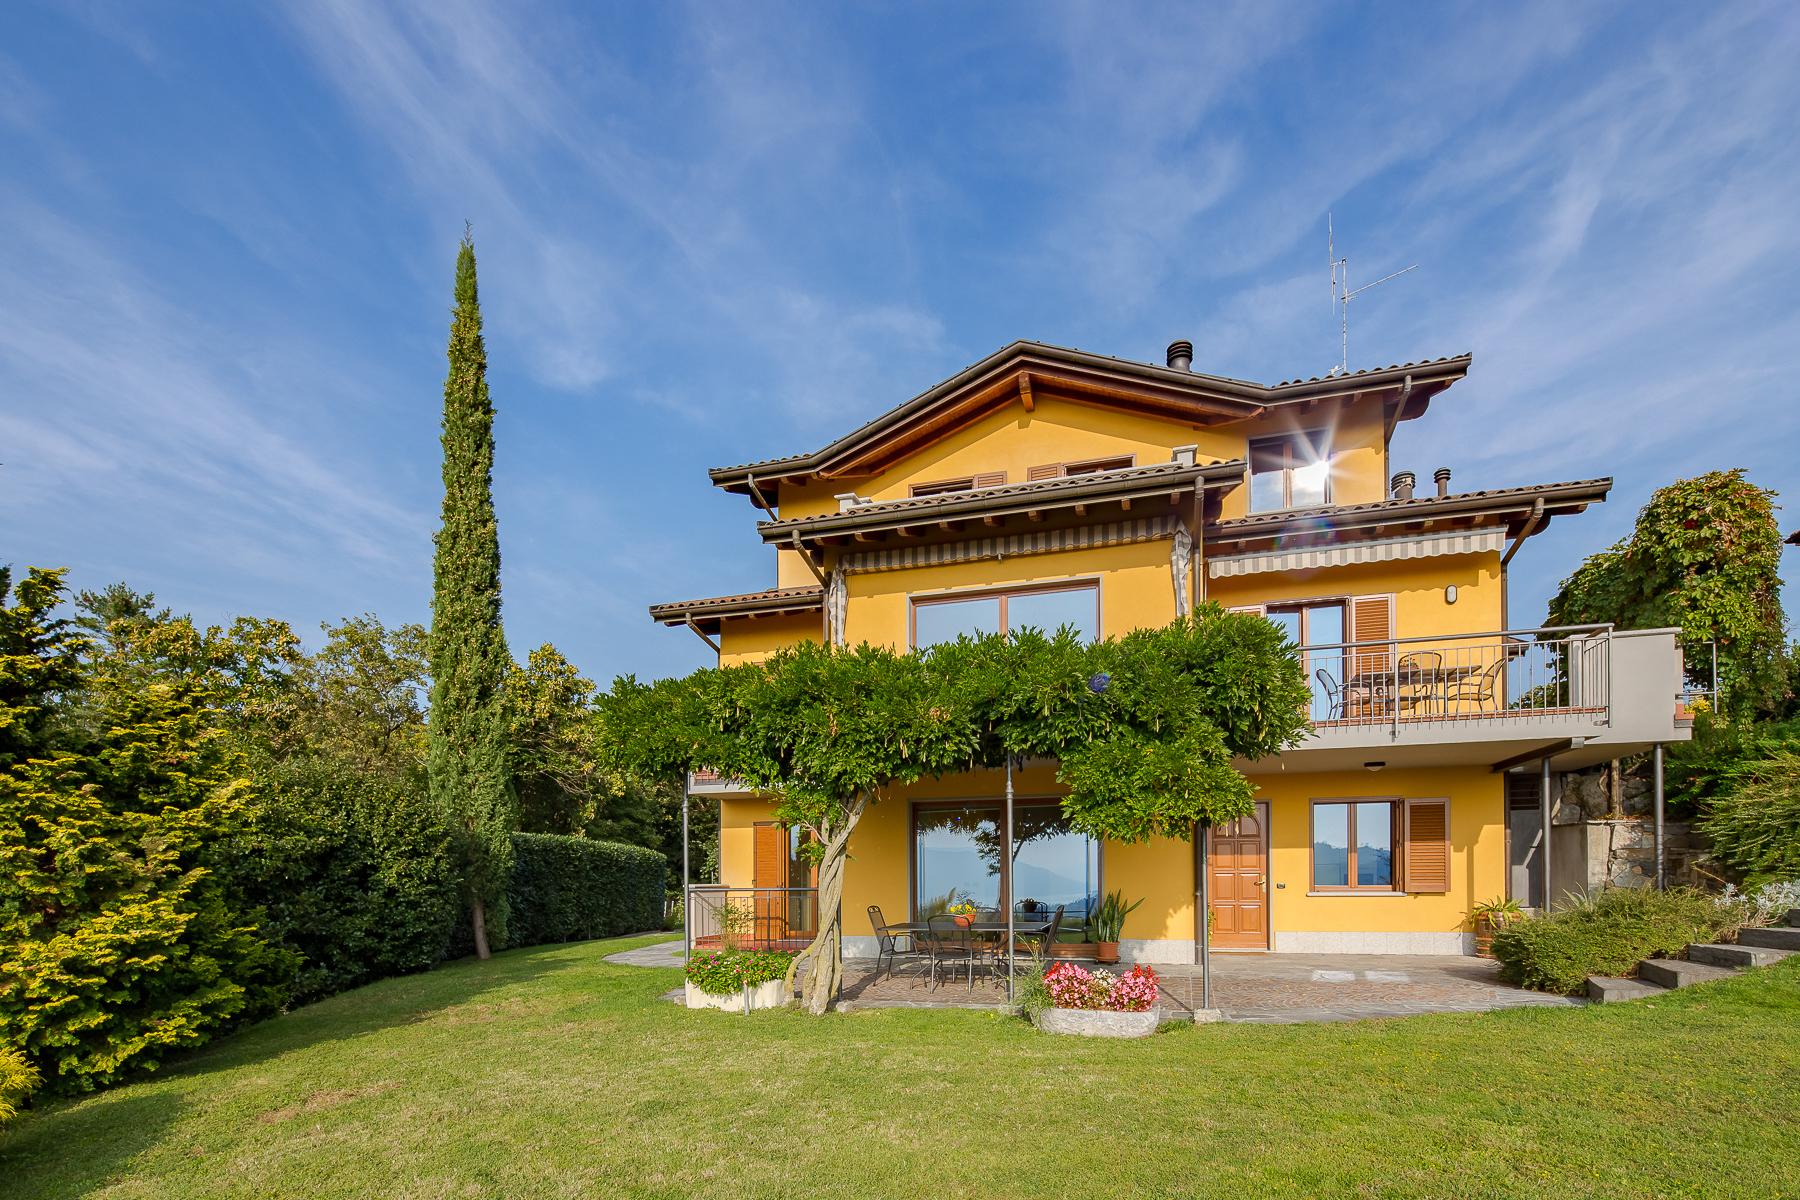 Villa in Vendita a Luino: 5 locali, 324 mq - Foto 9